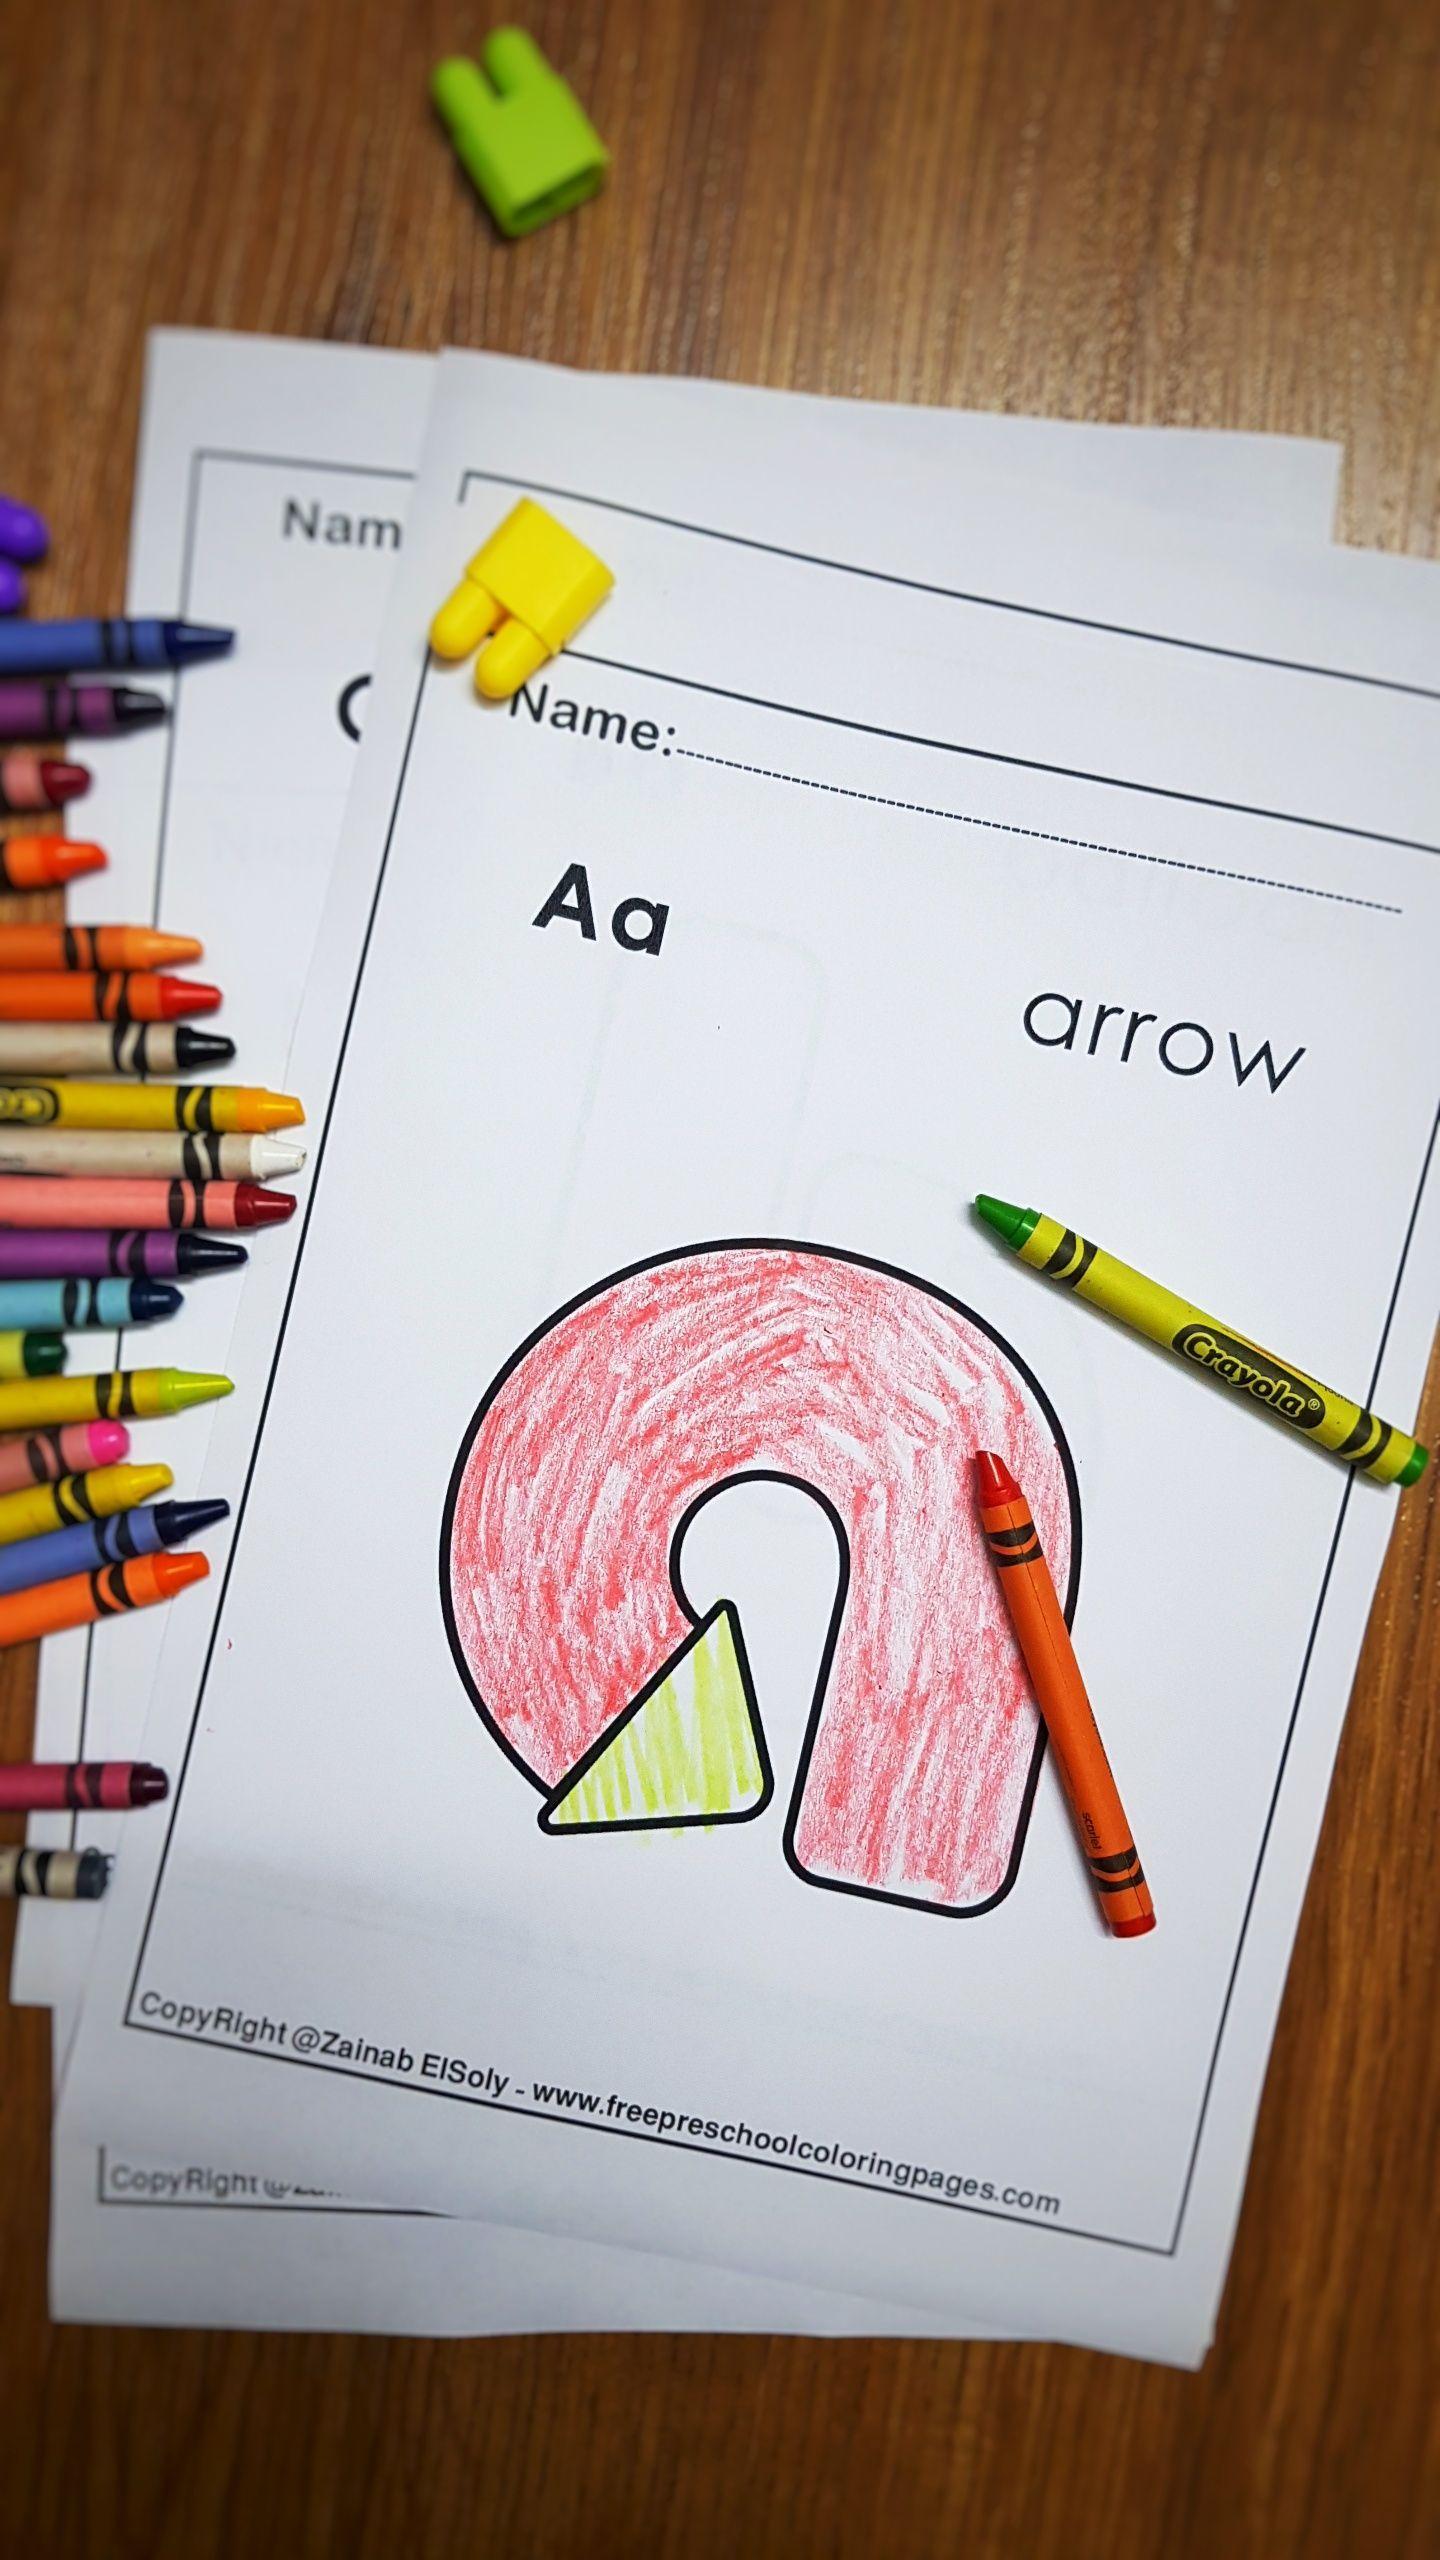 Letter A Arrow Abc Lowercase Letters Alphabet Creative Abc